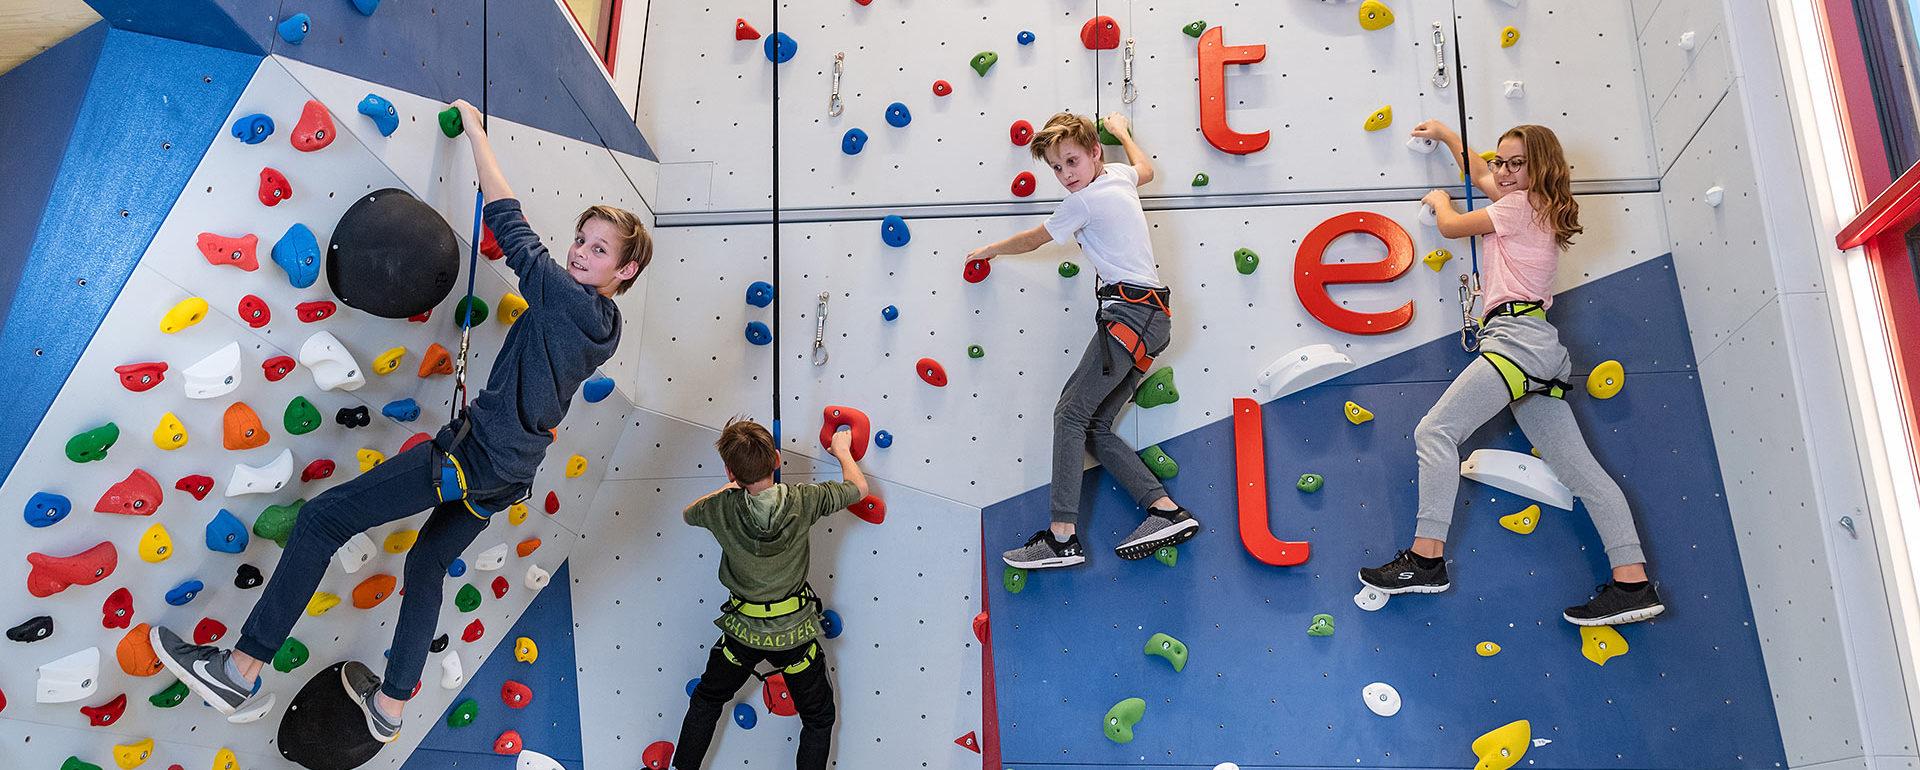 Kletterwand in der Kinder-Erlebniswelt, Familienurlaub in Salzburg